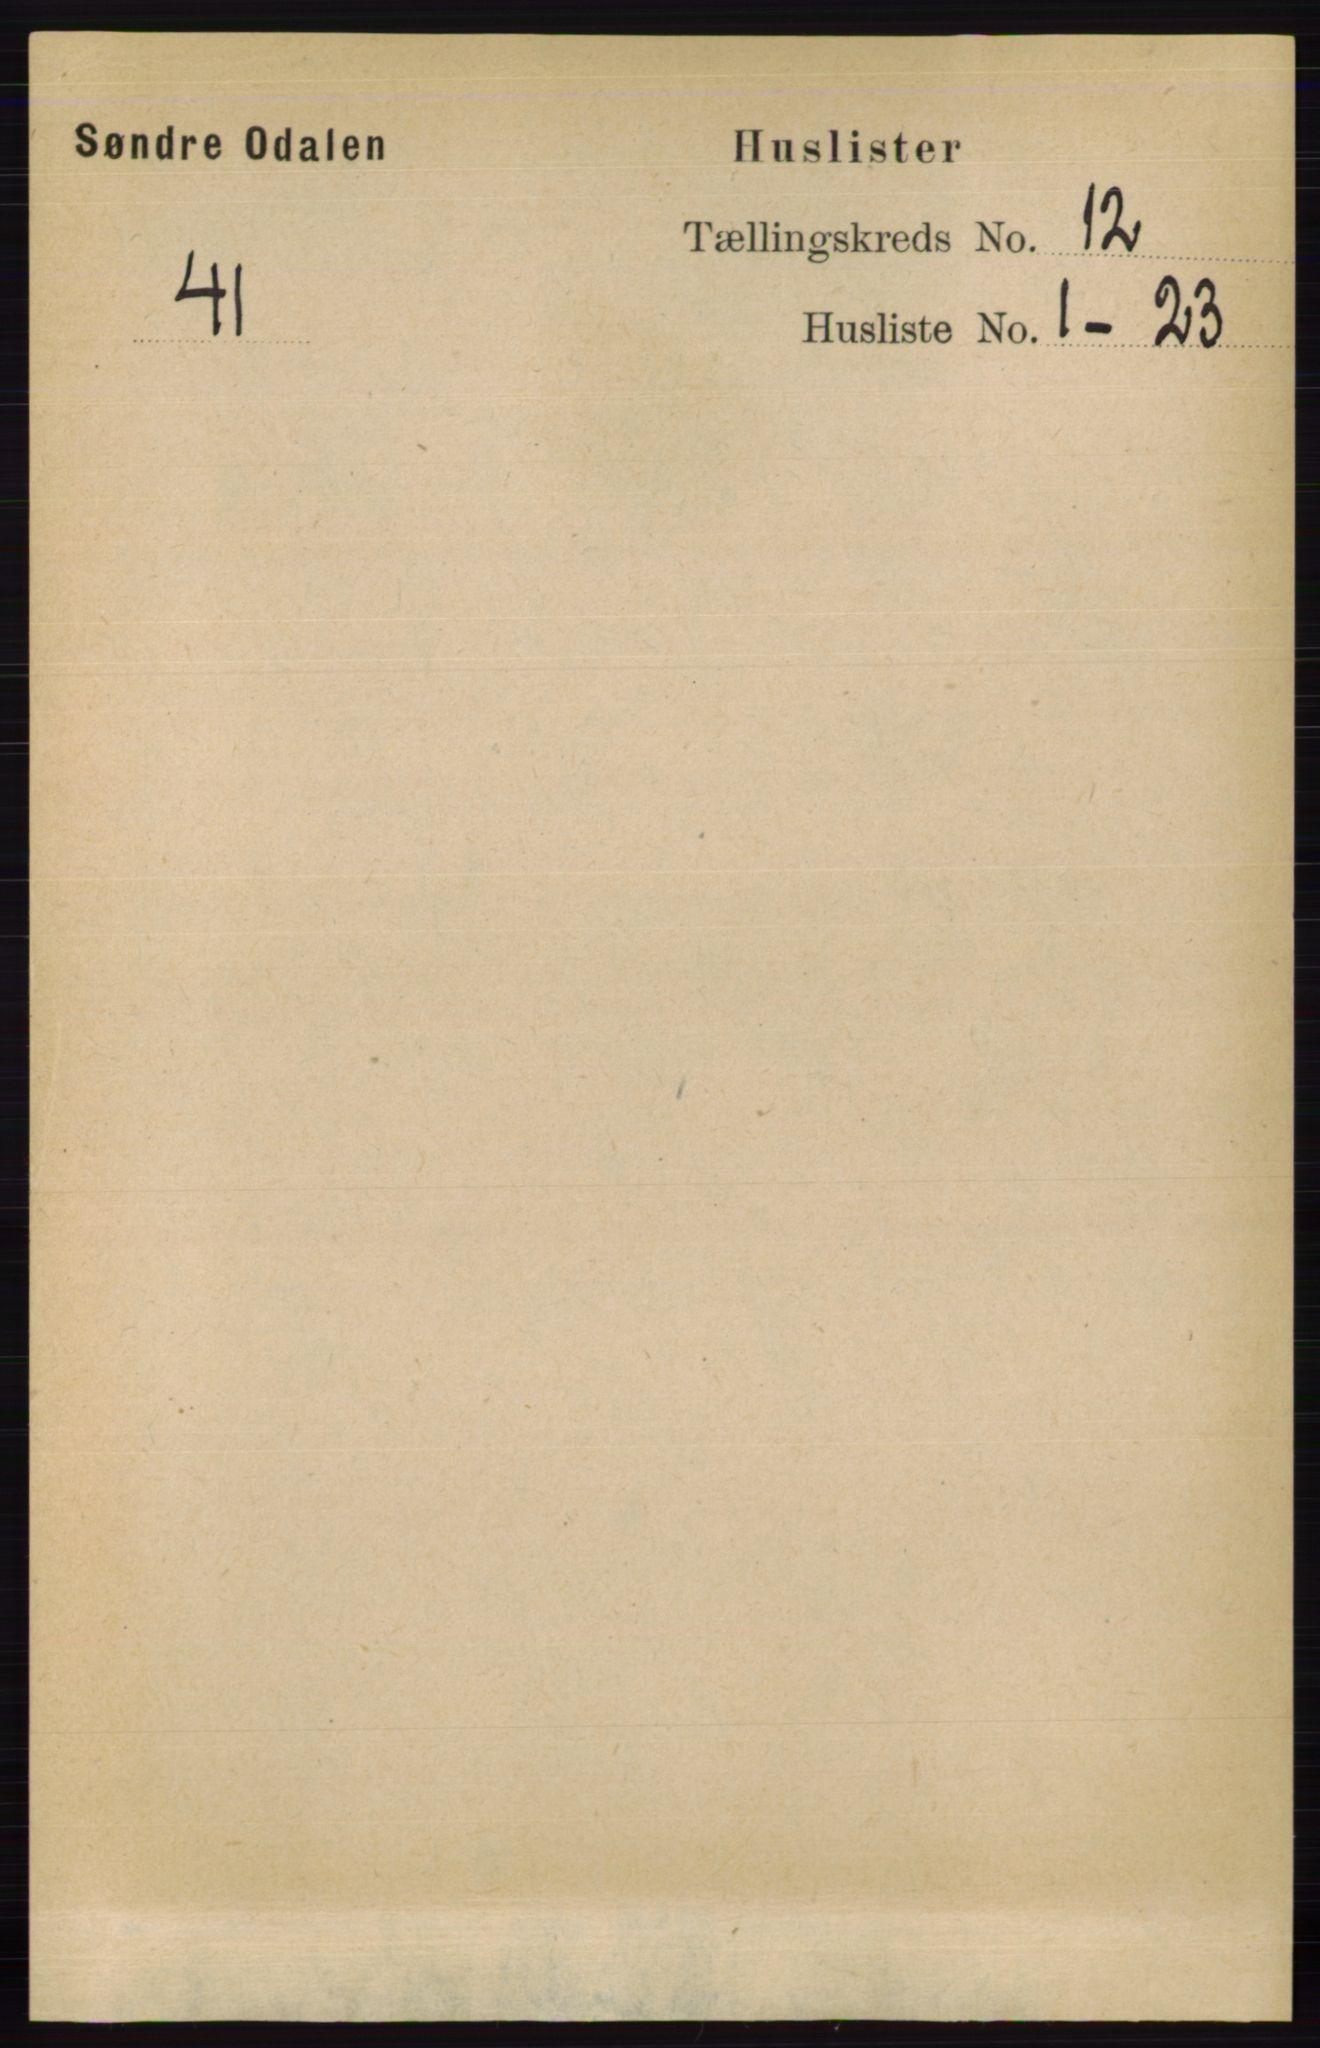 RA, Folketelling 1891 for 0419 Sør-Odal herred, 1891, s. 5366